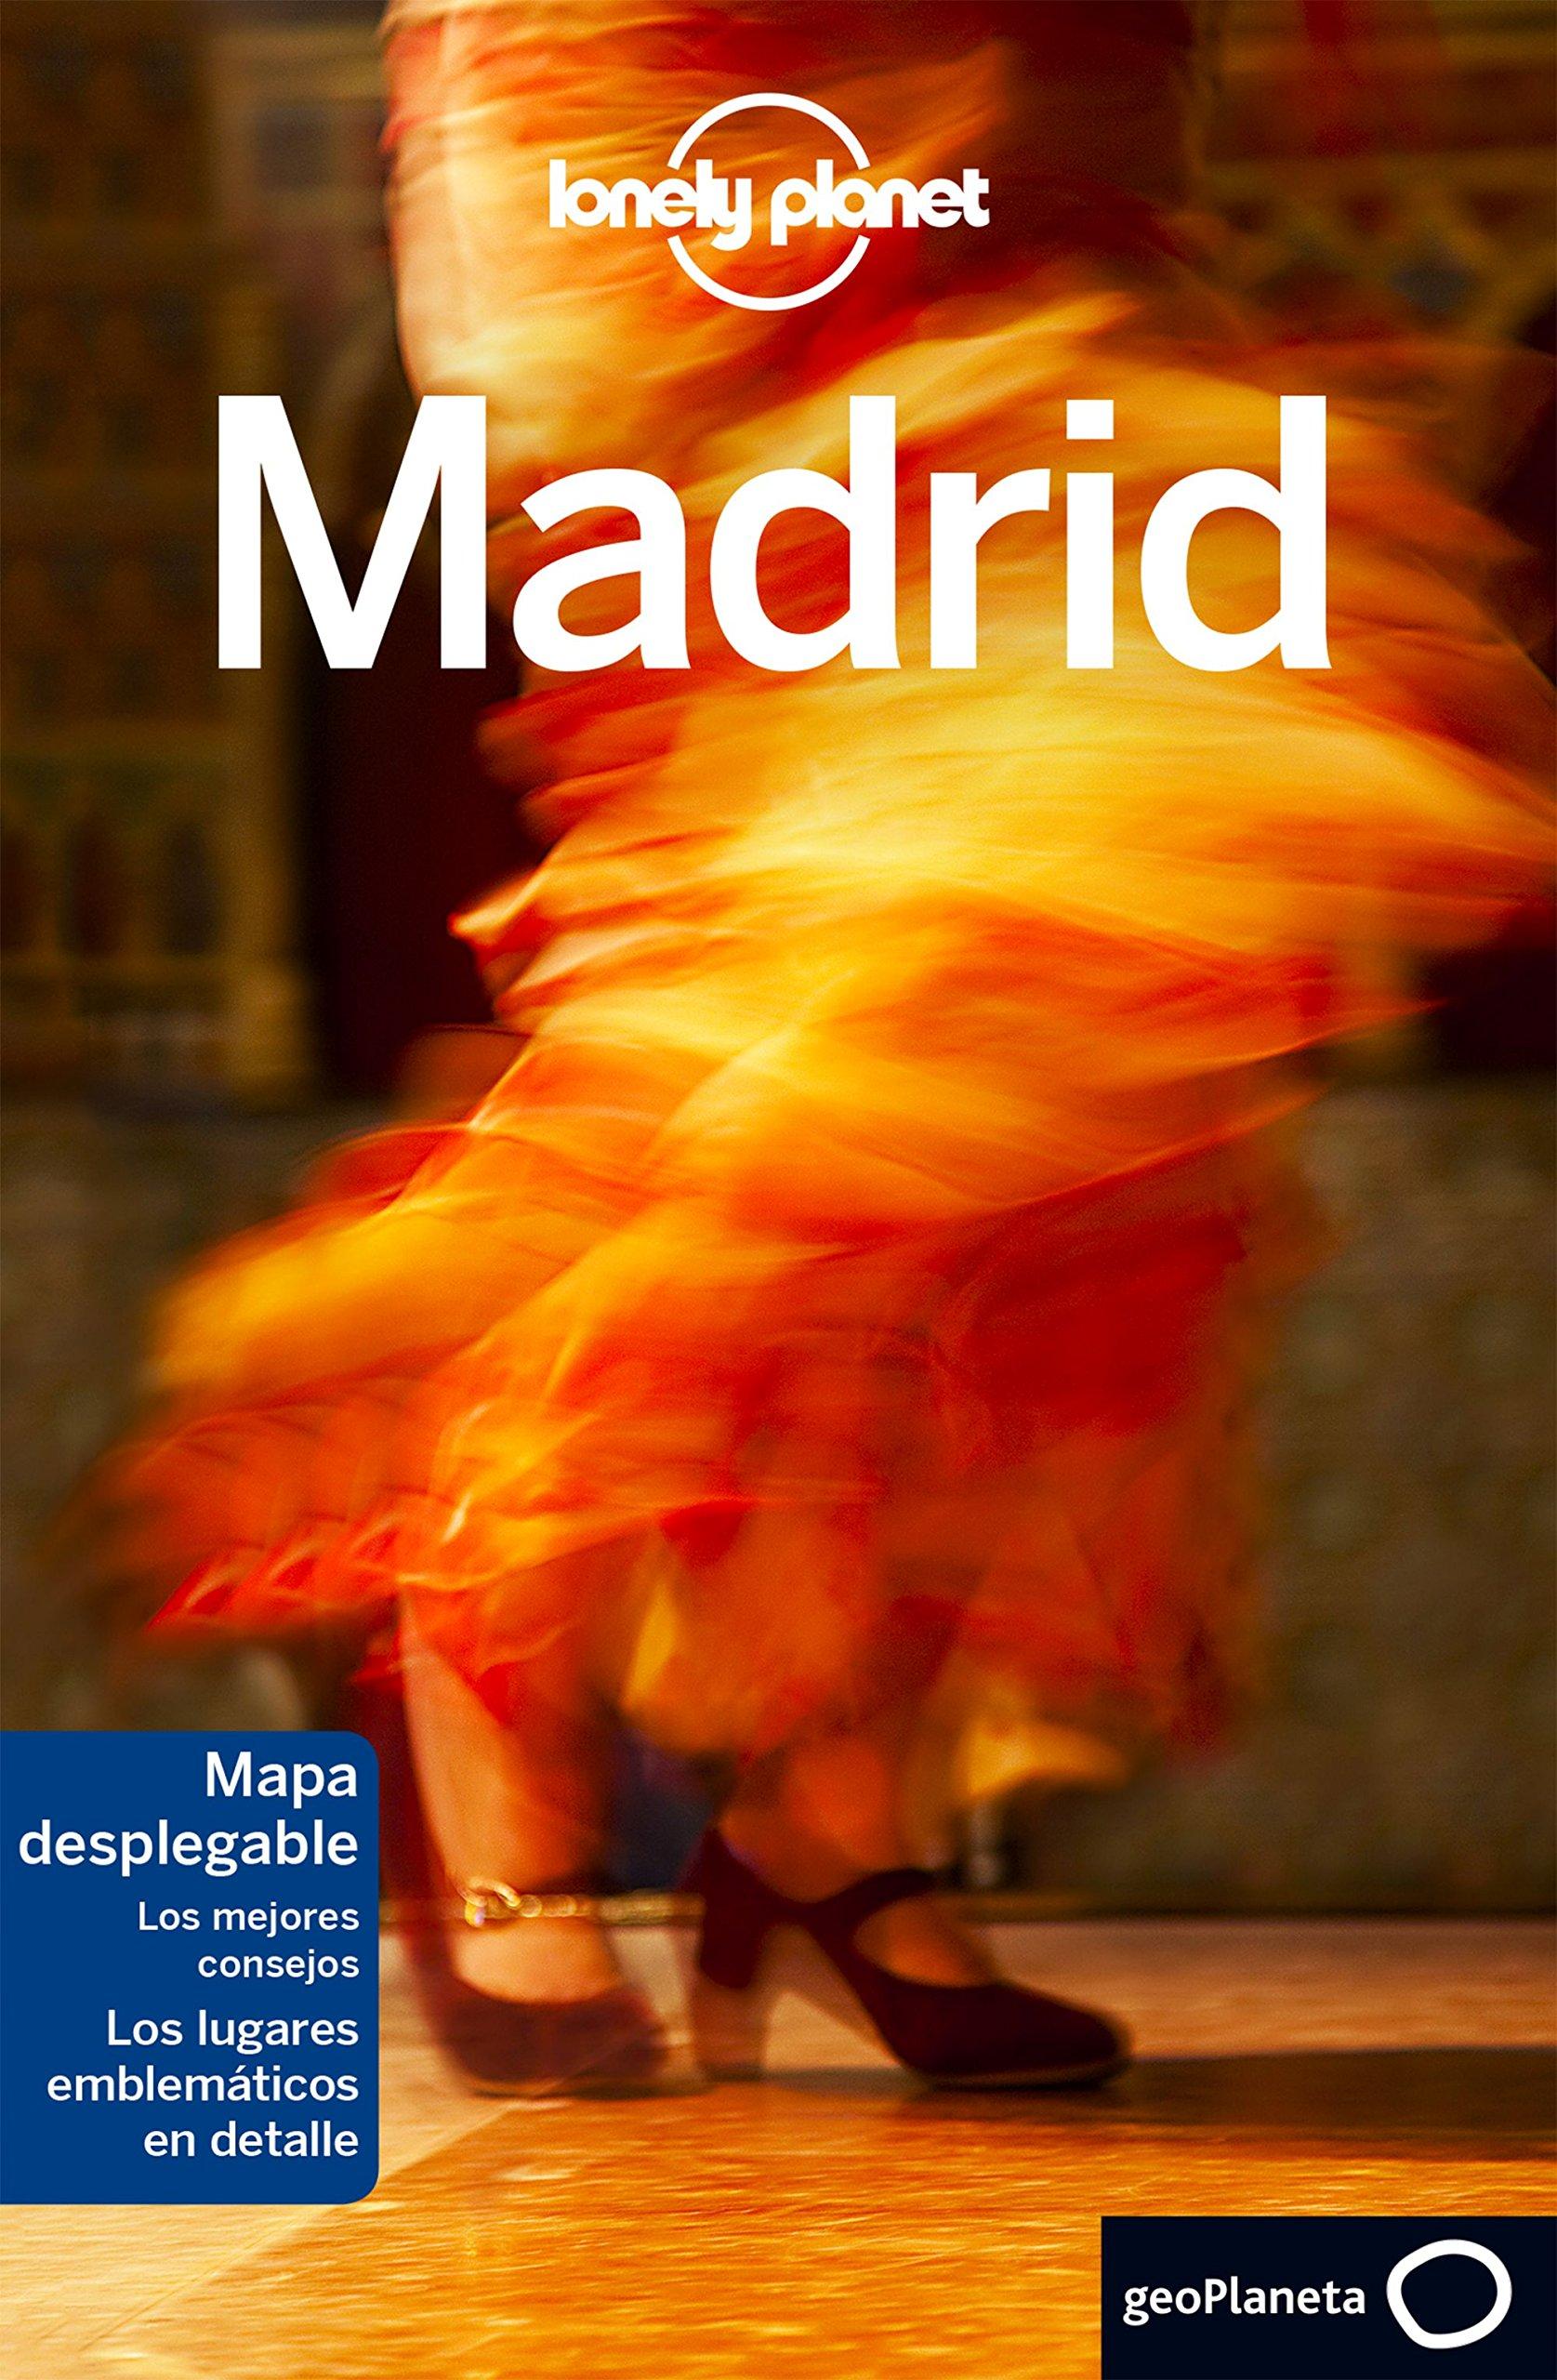 Madrid 6 (Guías de Ciudad Lonely Planet) Tapa blanda – 12 abr 2016 Anthony Ham Alberto Delgado Castro GeoPlaneta 8408148508